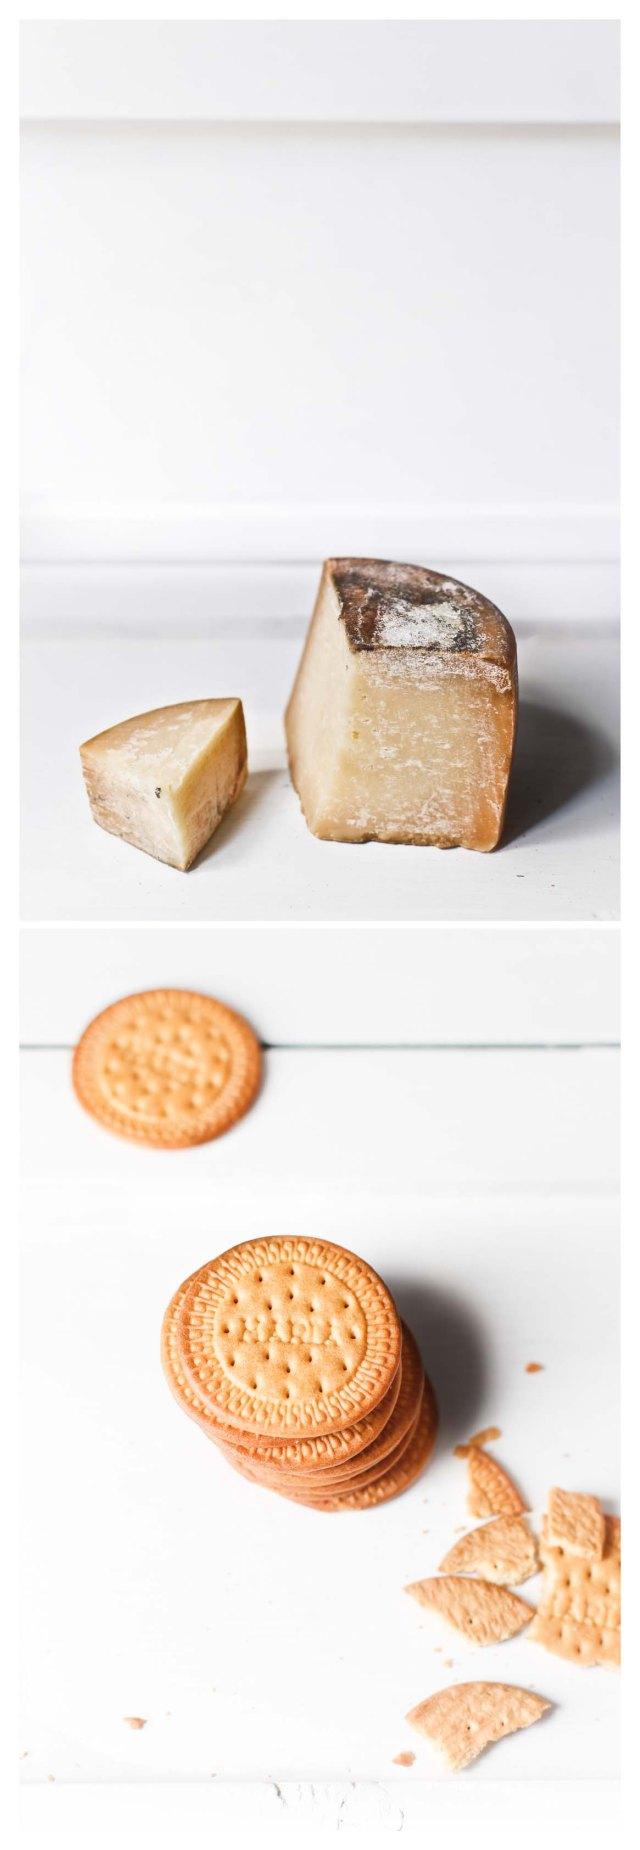 queso curado y galletas María